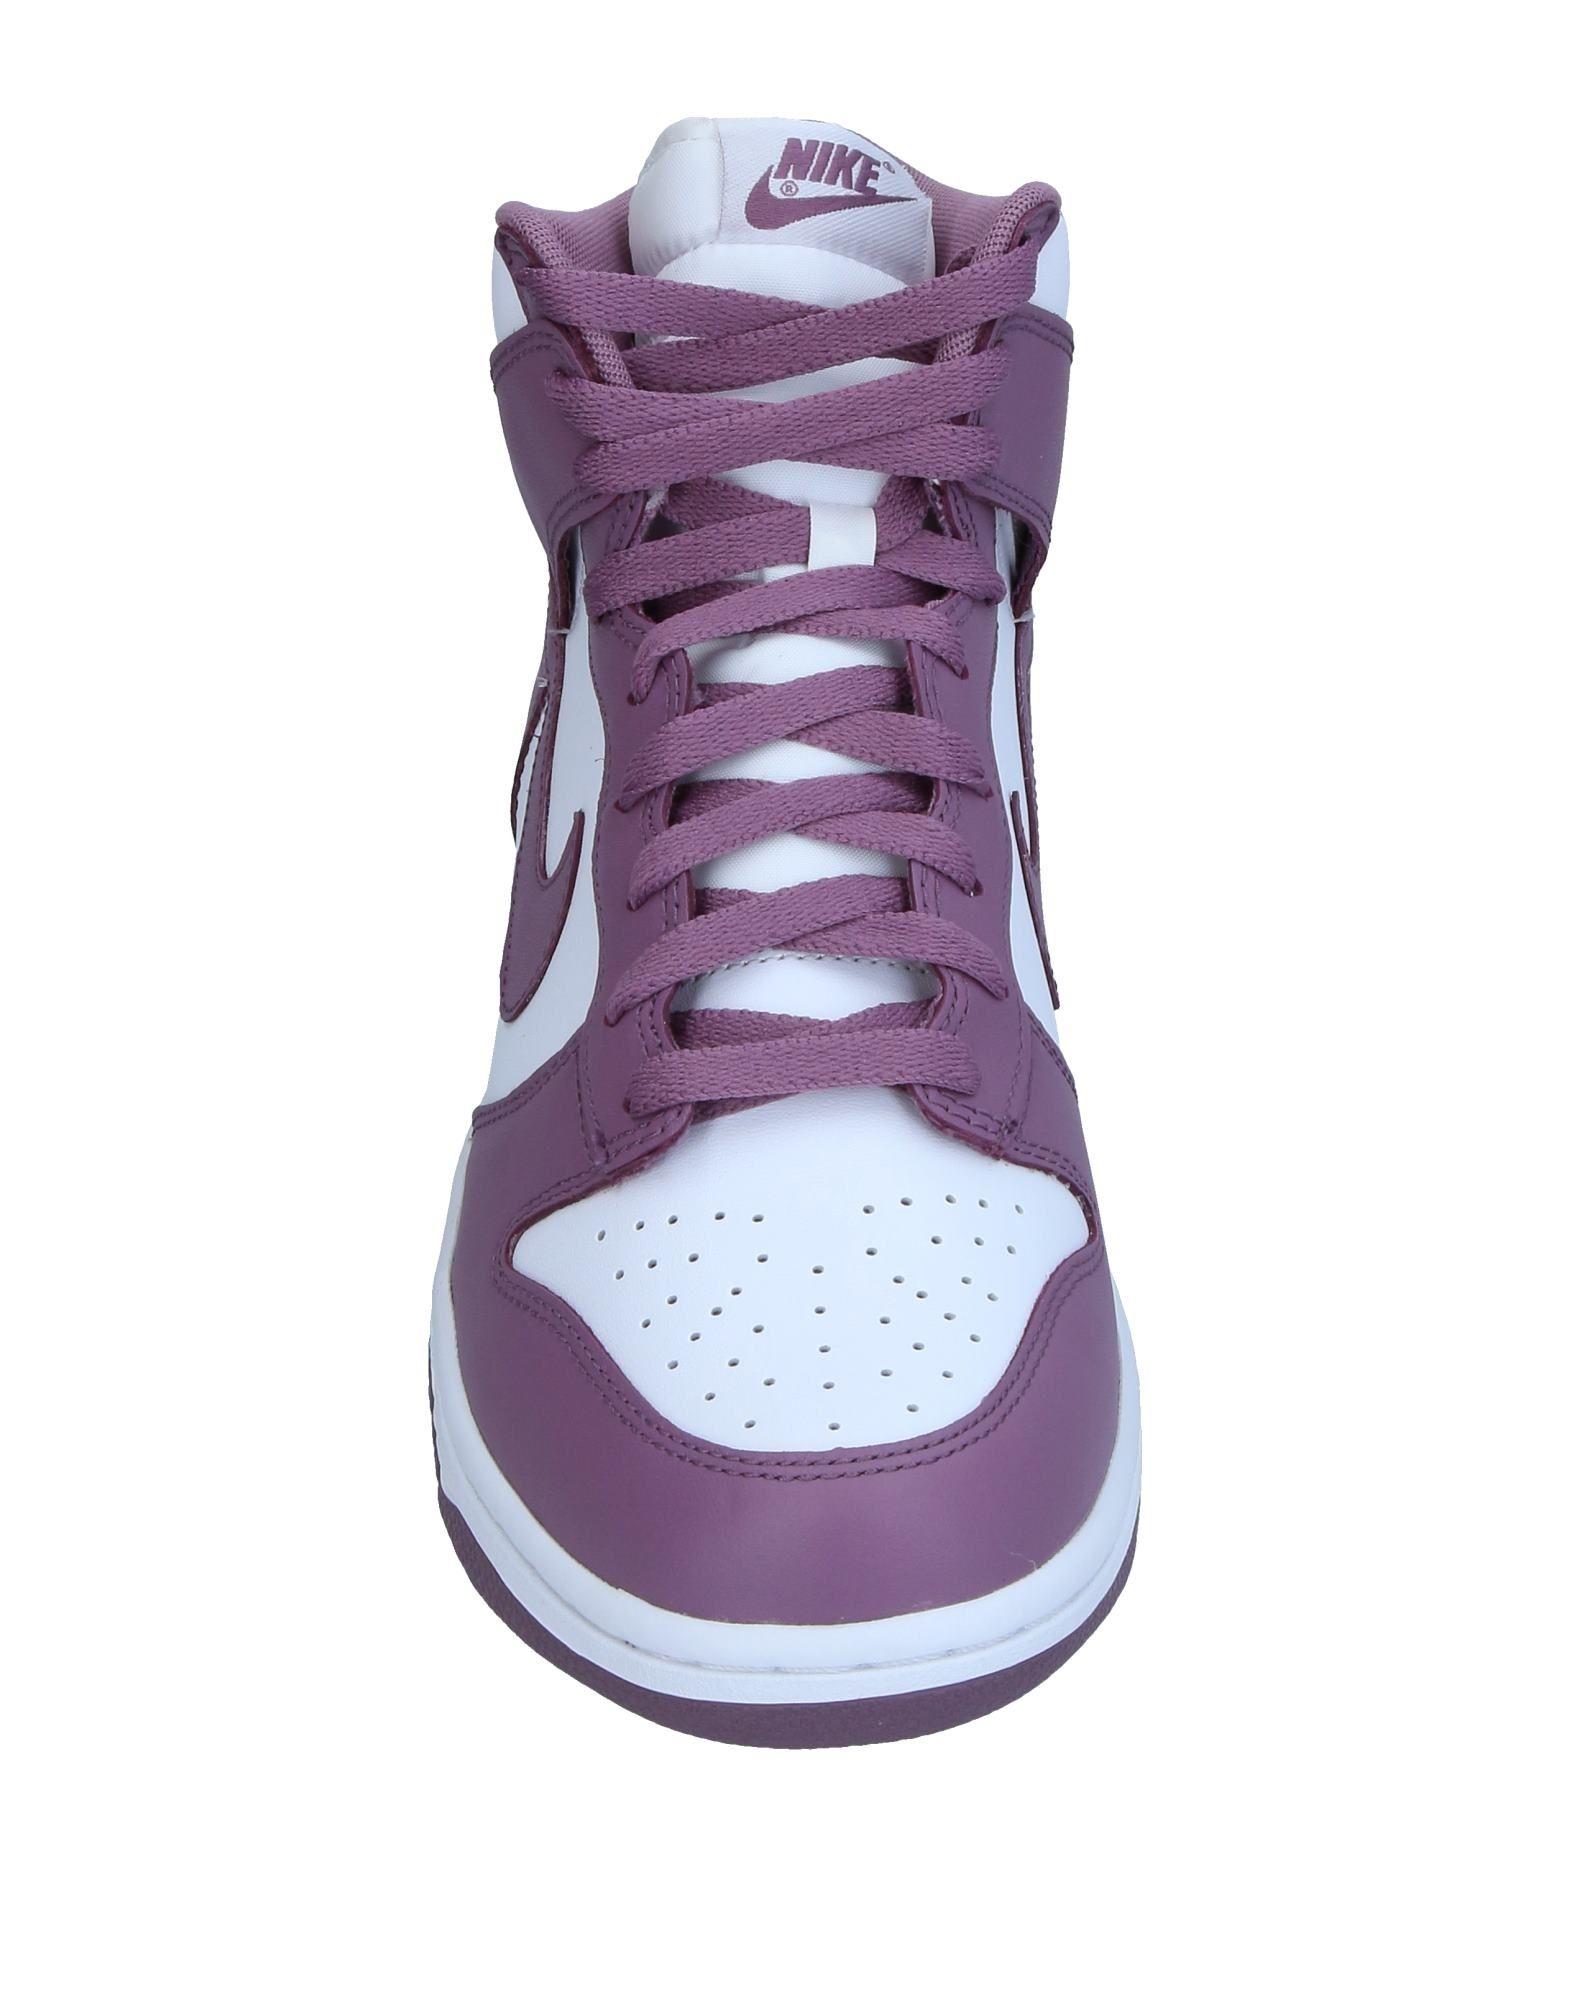 Herren Nike Sneakers Herren   11375557MH Heiße Schuhe 657844